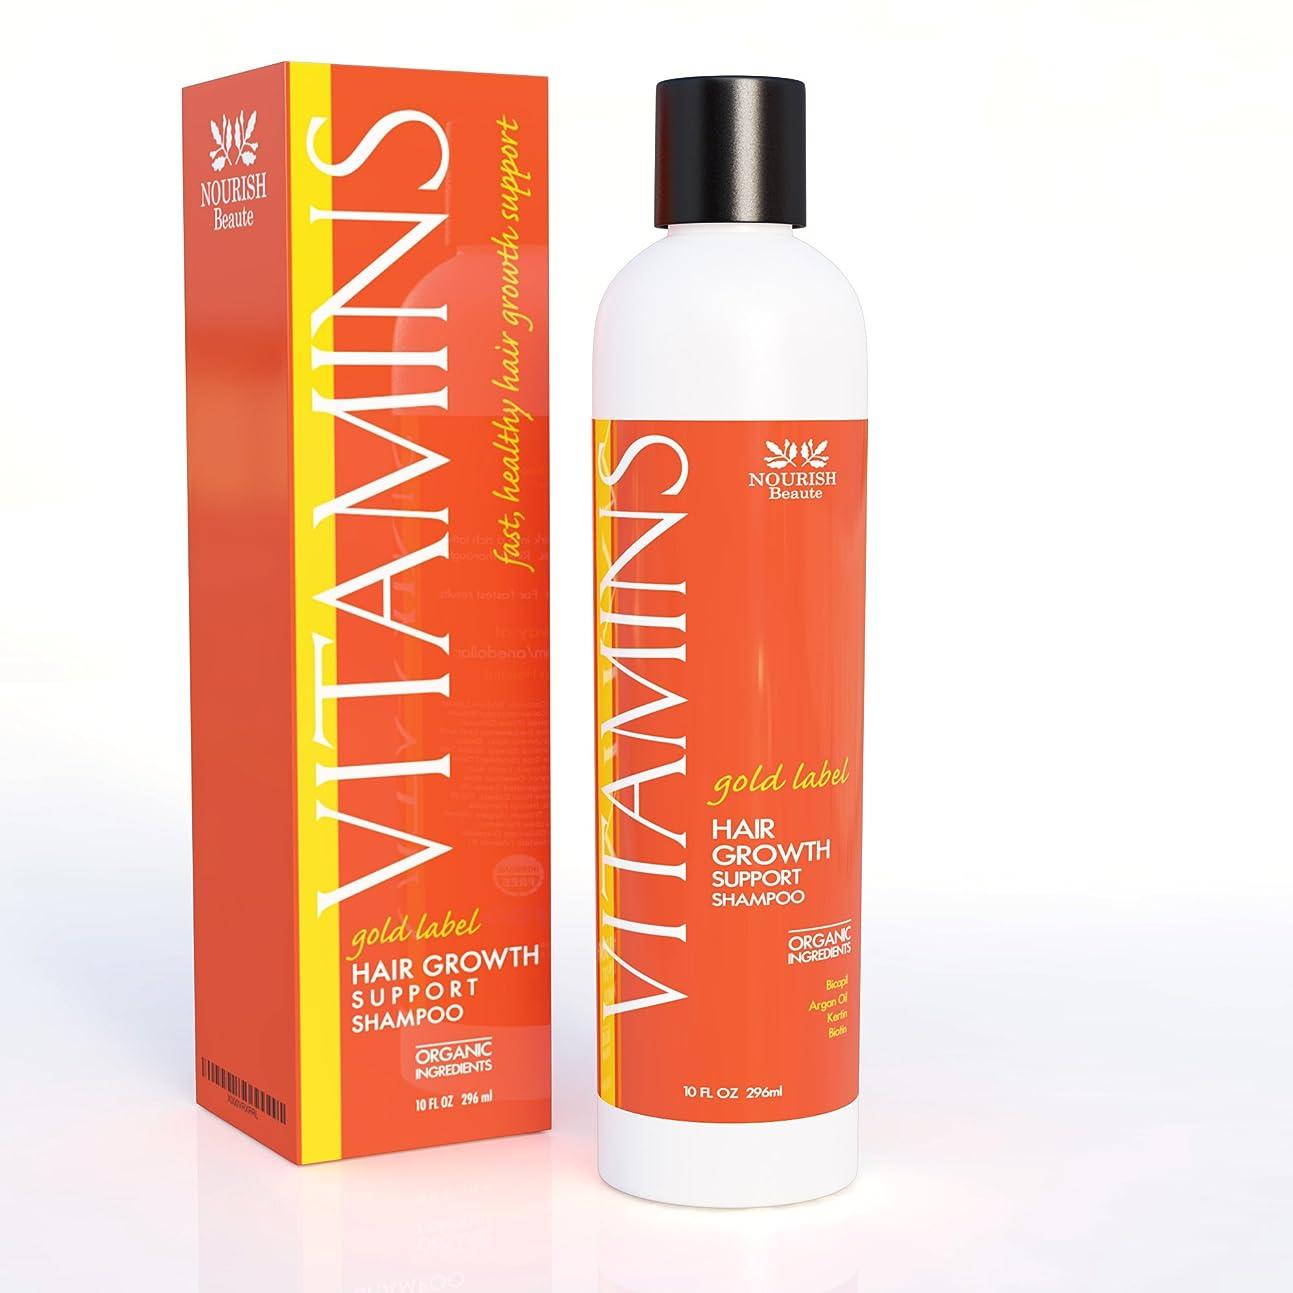 マガジン言うがんばり続けるPREMIUM Vitamins Hair Growth Shampoo プレミアムビタミンヘア成長シャンプー